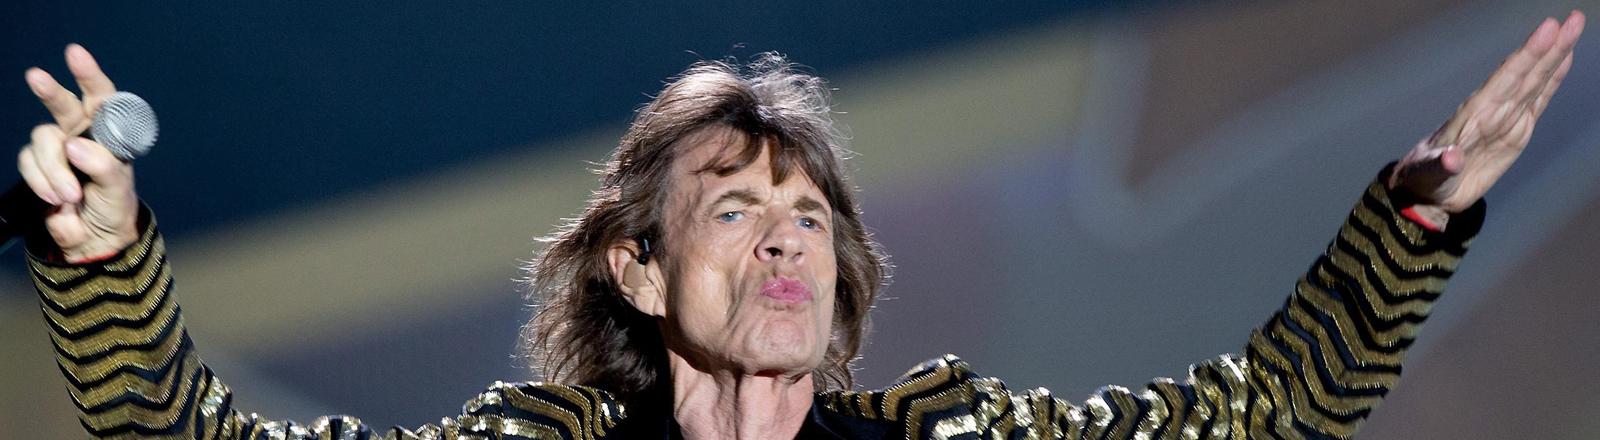 Mick Jagger bei einem Auftritt im Circus Maximus in Rom am 22. Juni 2014.